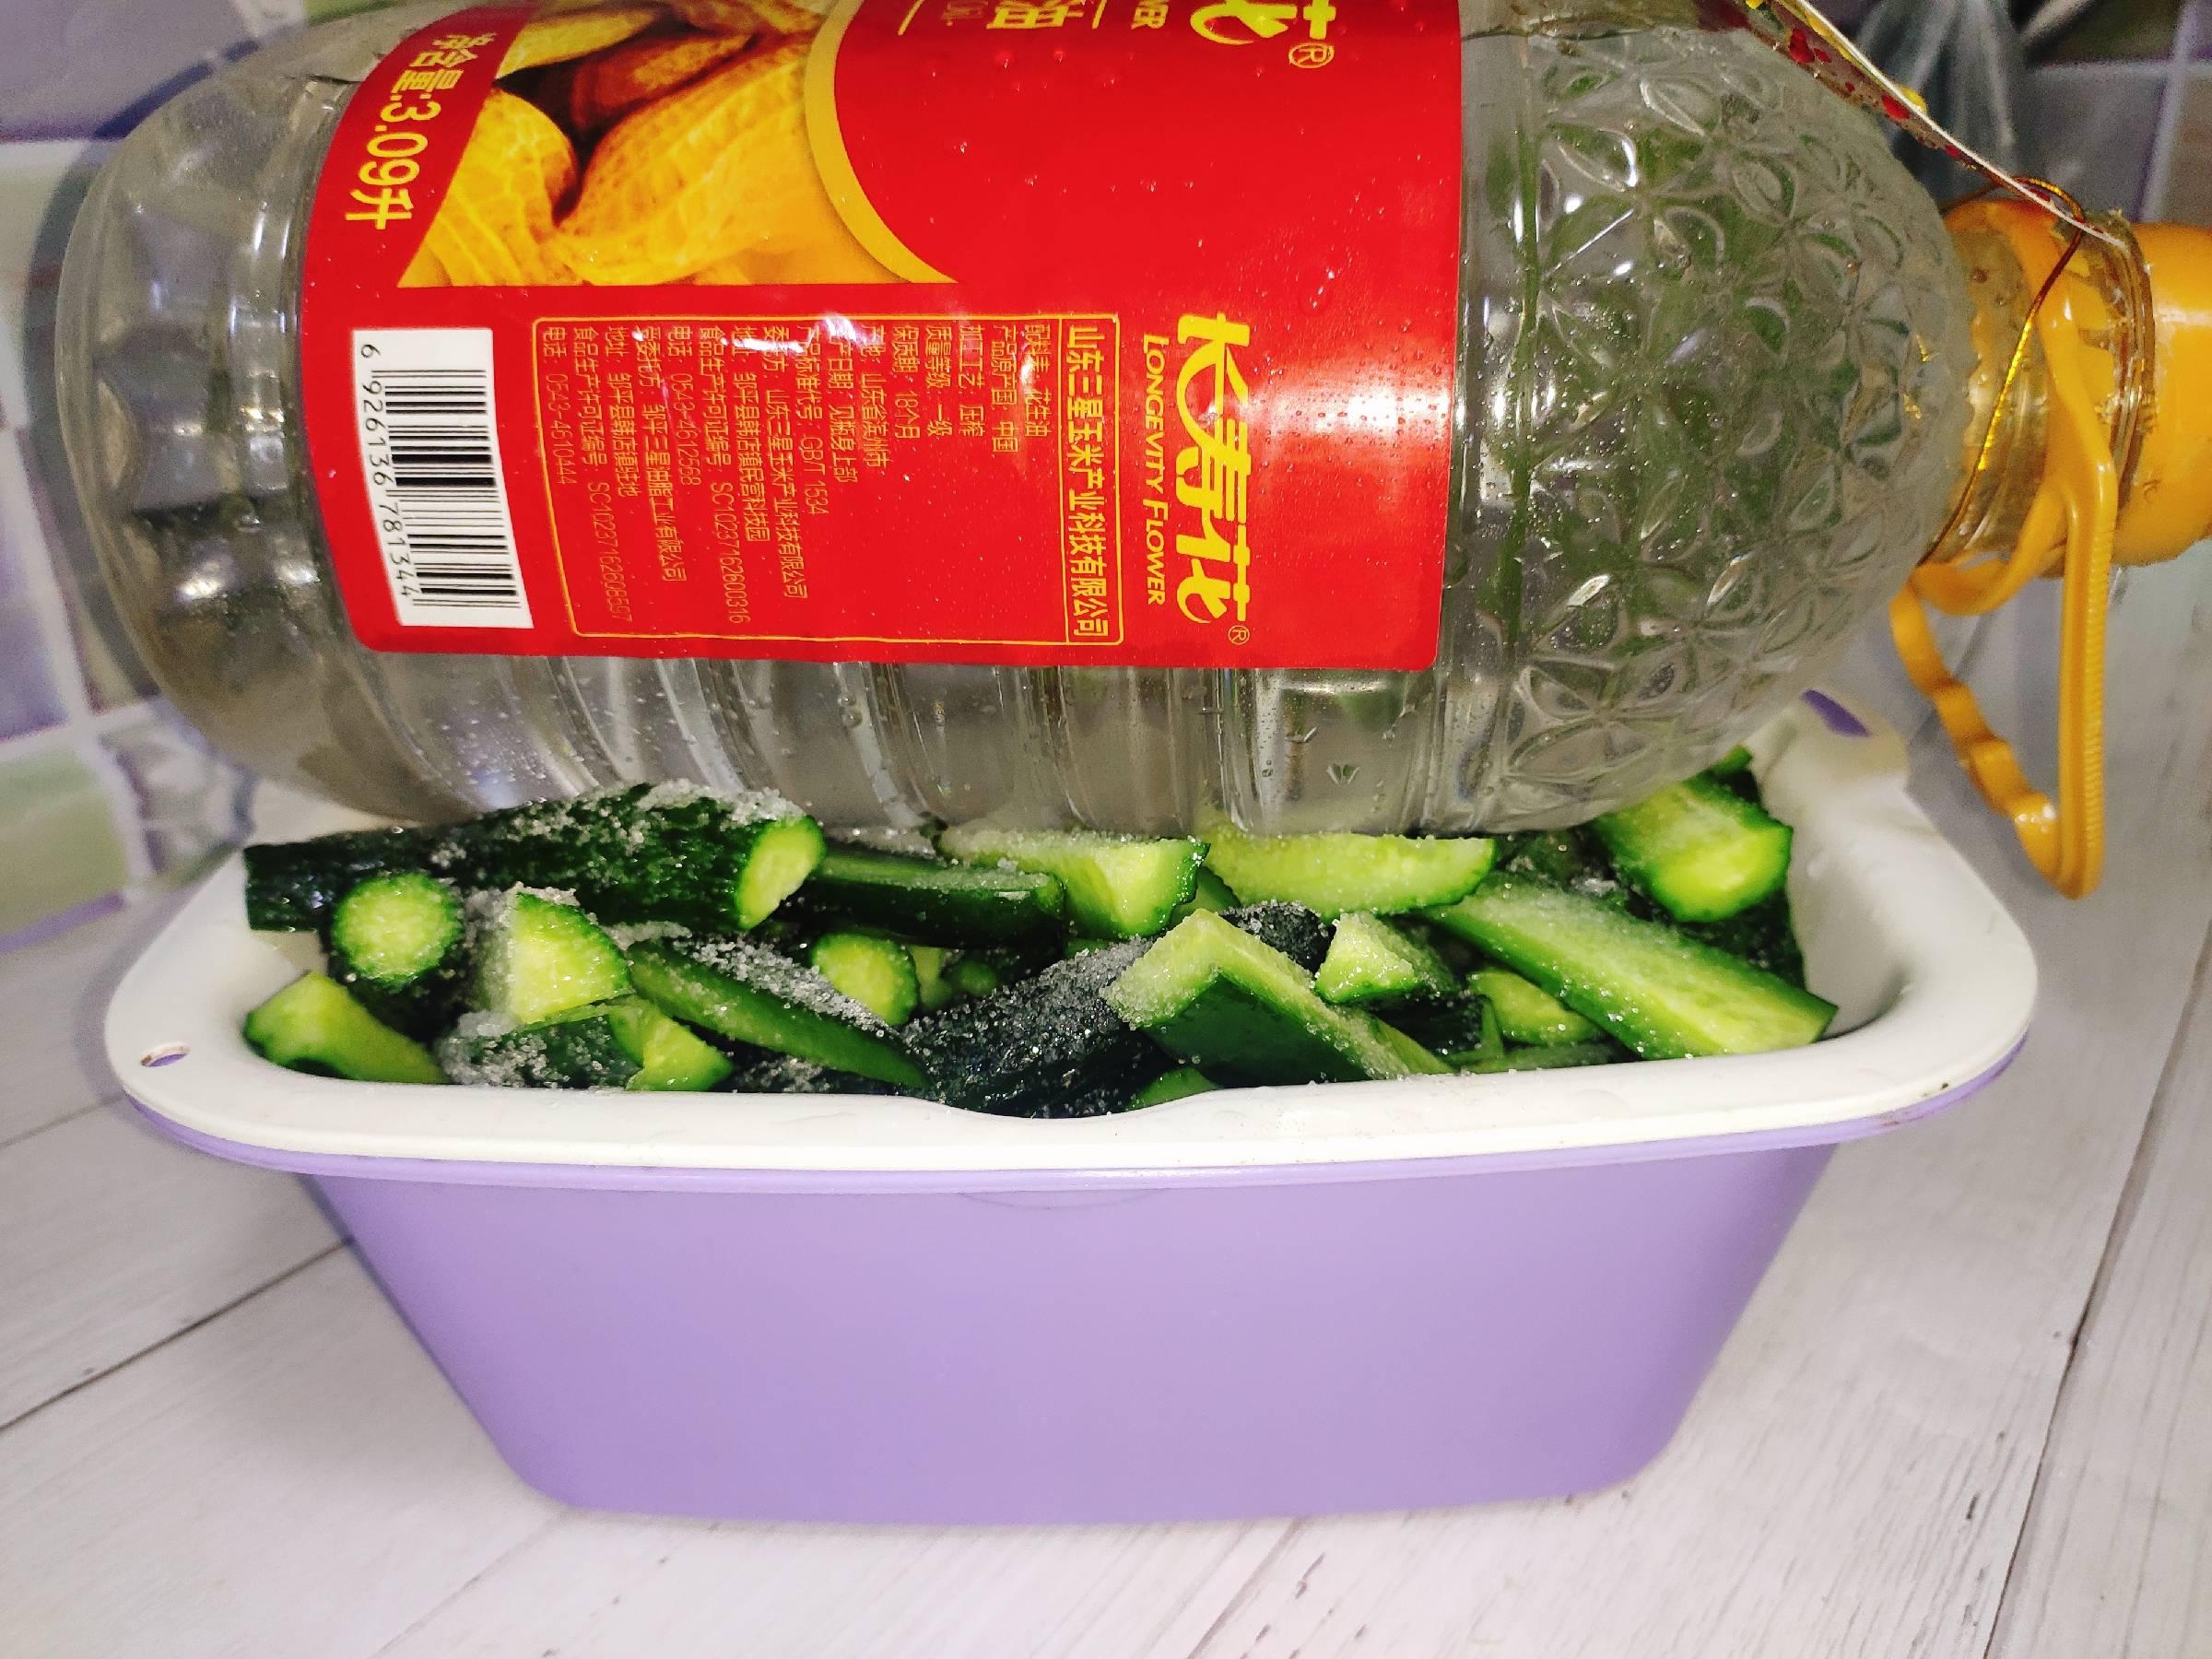 好吃秘制酱黄瓜,百吃不厌的家常做法